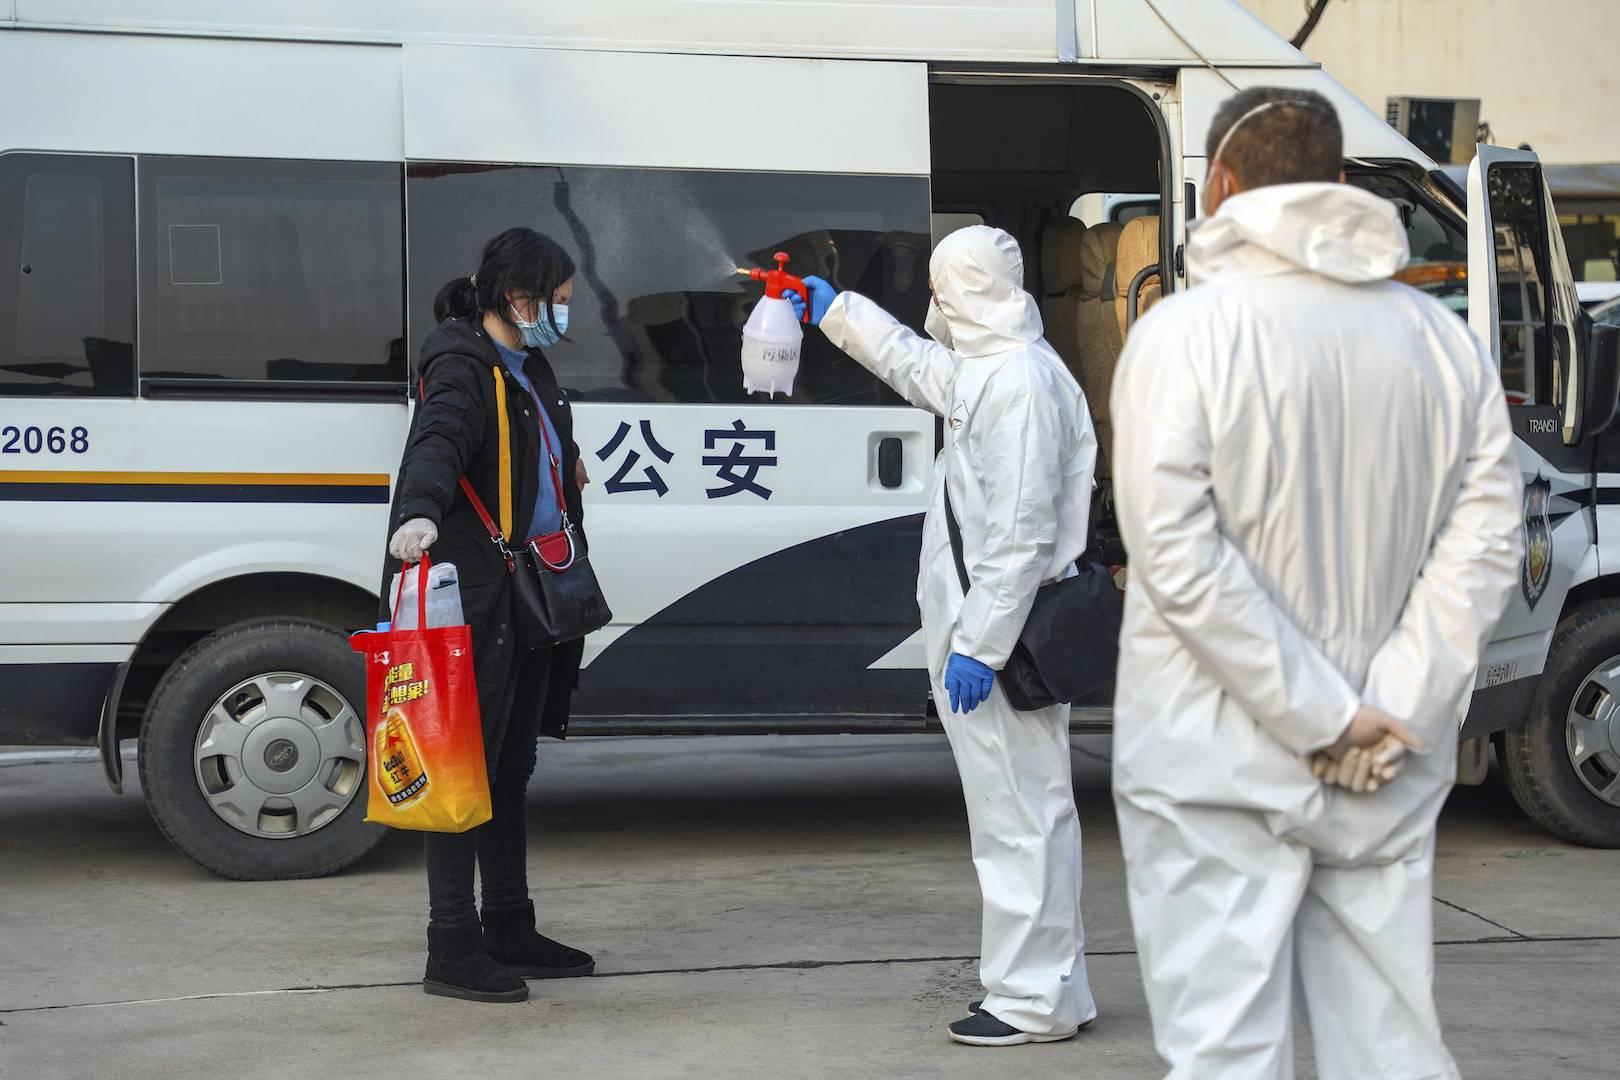 En Wuhan se estaba trasladando a los pacientes a un nuevo hospital demil camas con el que las autoridades esperaban mejorar el aislamiento para combatir la expansión del virus.